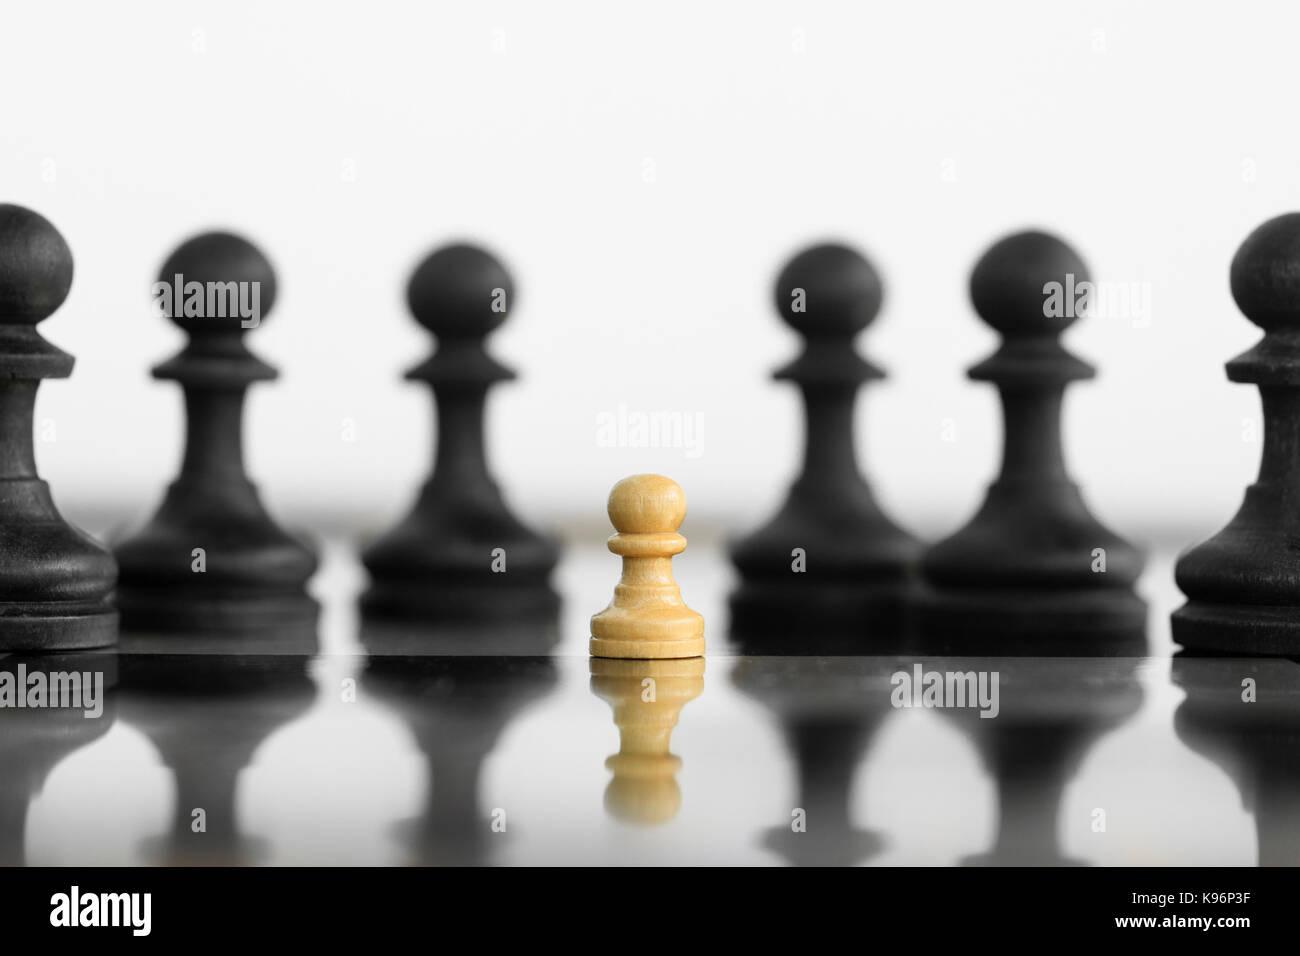 Selbstvertrauen weiß Peon stand vor einer schwarzen Schach Armee vor der Konfrontation. Stockbild